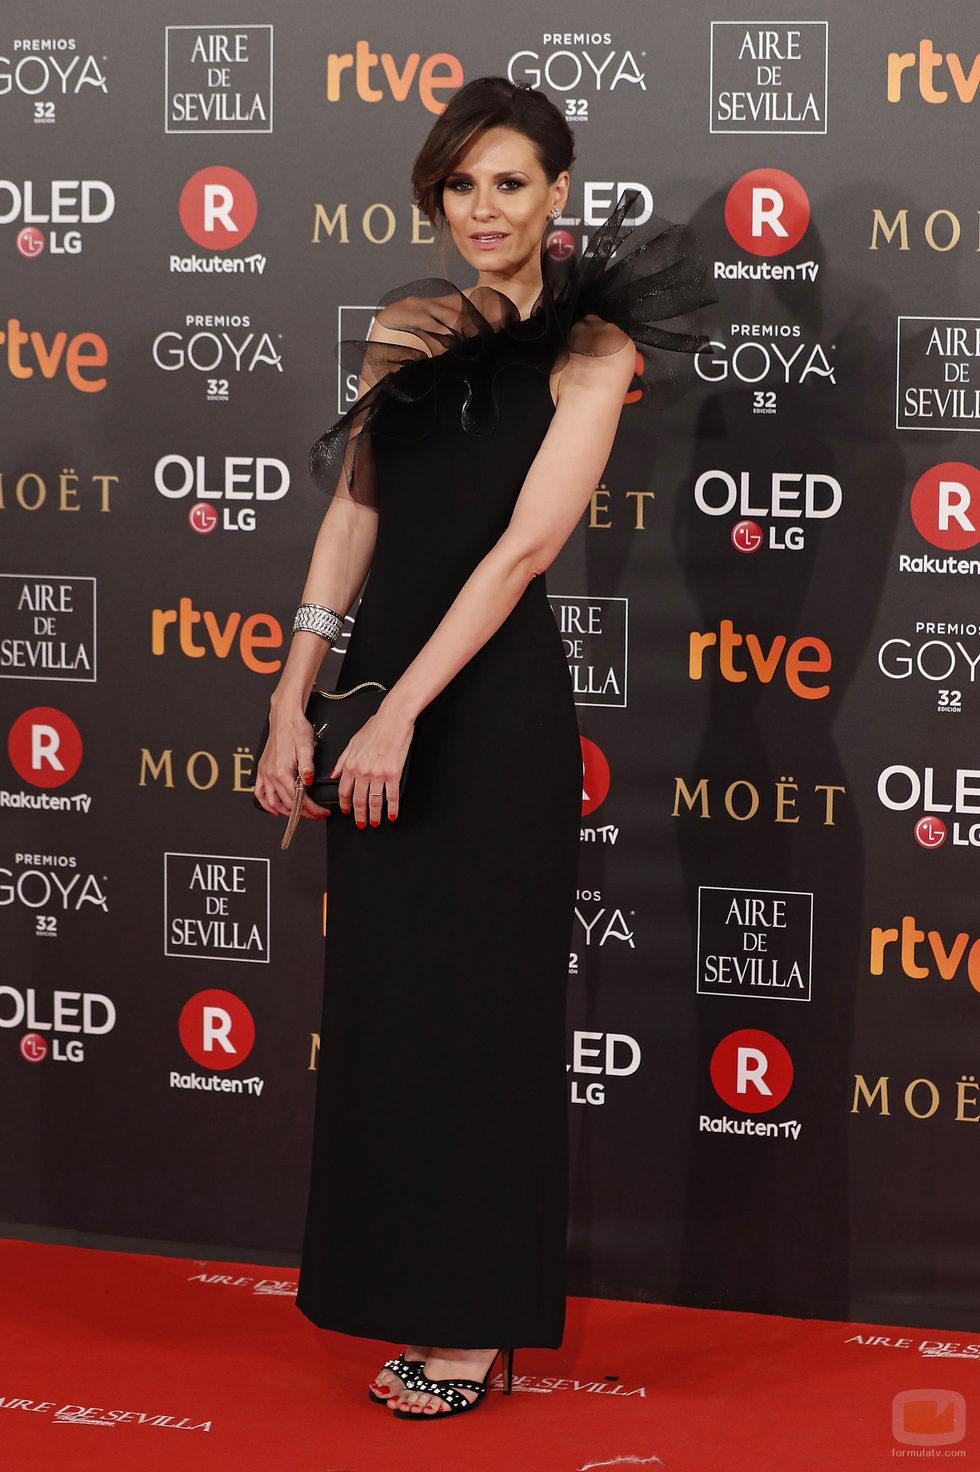 Elena Ballesteros posa en la alfombra roja de los Premios Goya 2018